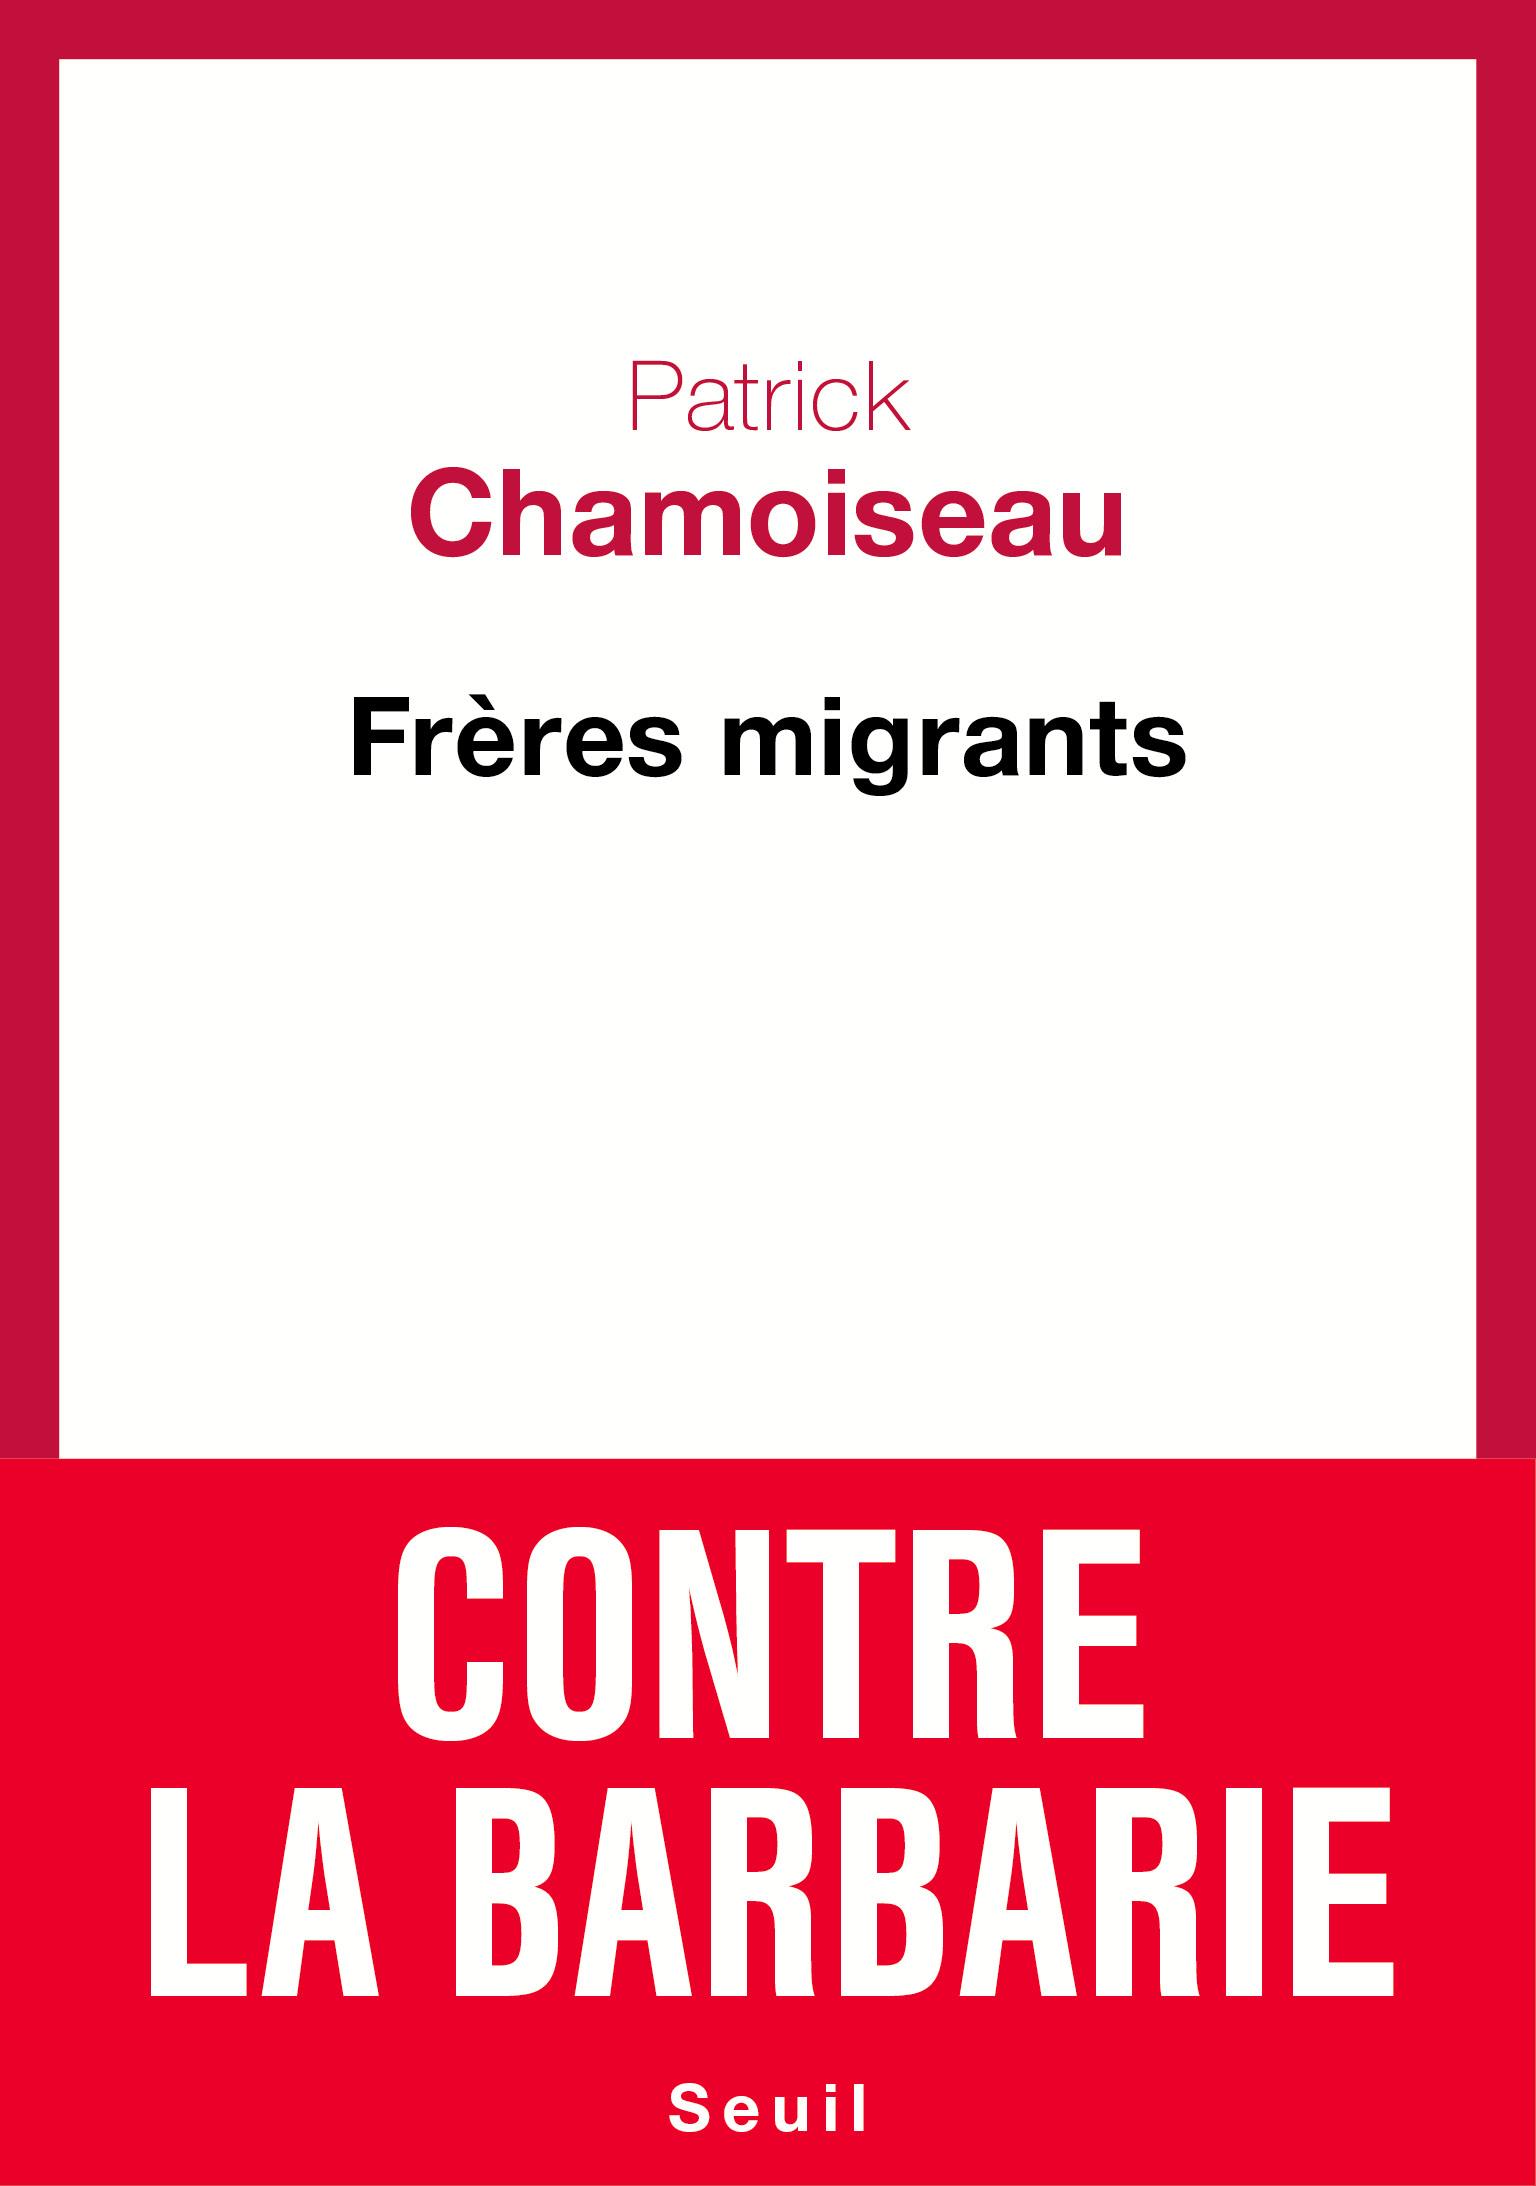 """Résultat de recherche d'images pour """"freres migrants patrick chamoiseau"""""""